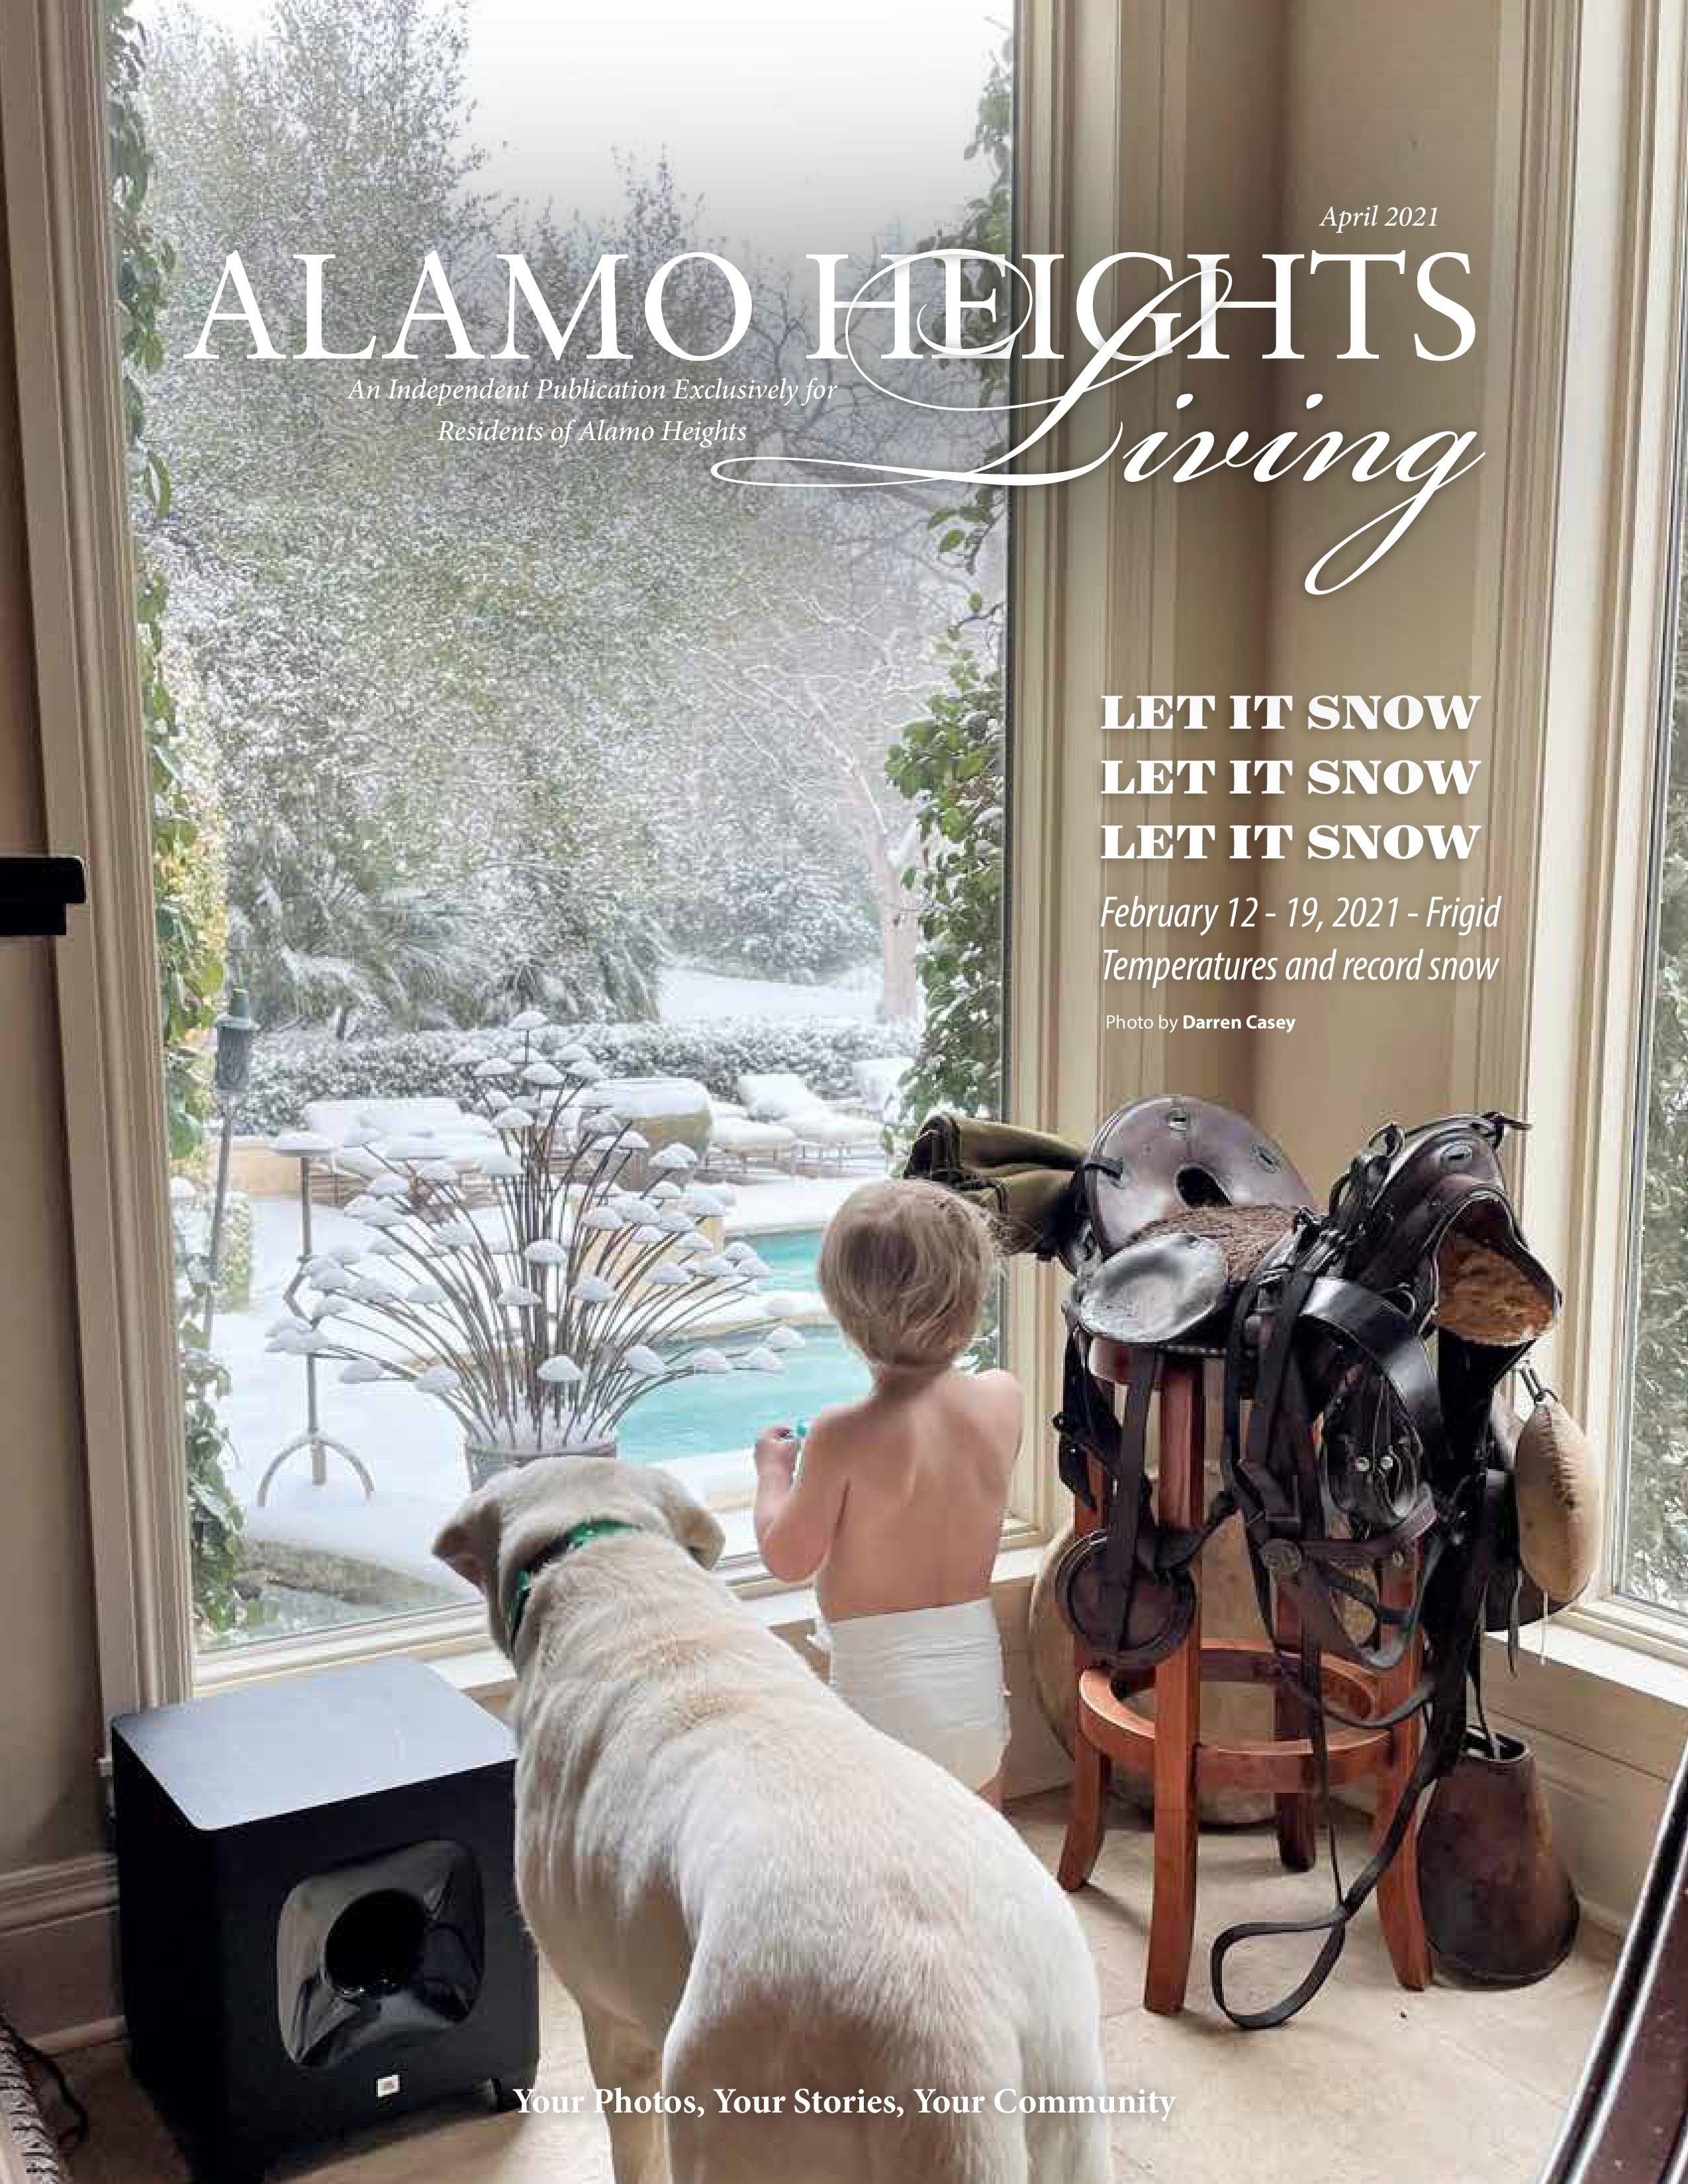 Alamo Heights Living 2021-04-01